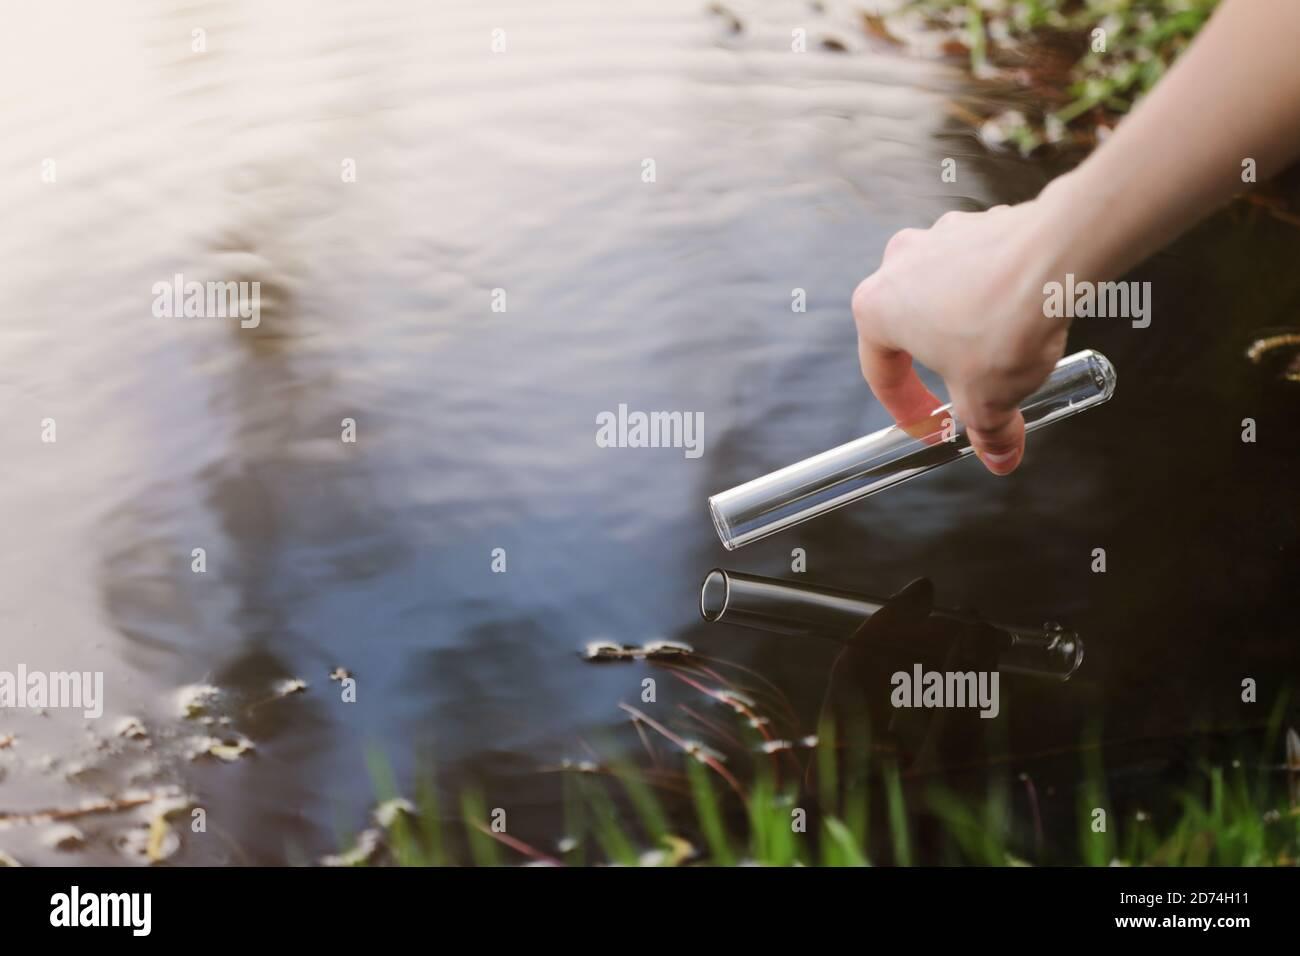 Una muestra de agua del río. Consumo de agua. Abstracción de agua. Agua de muestra. El concepto de un ambiente limpio Foto de stock